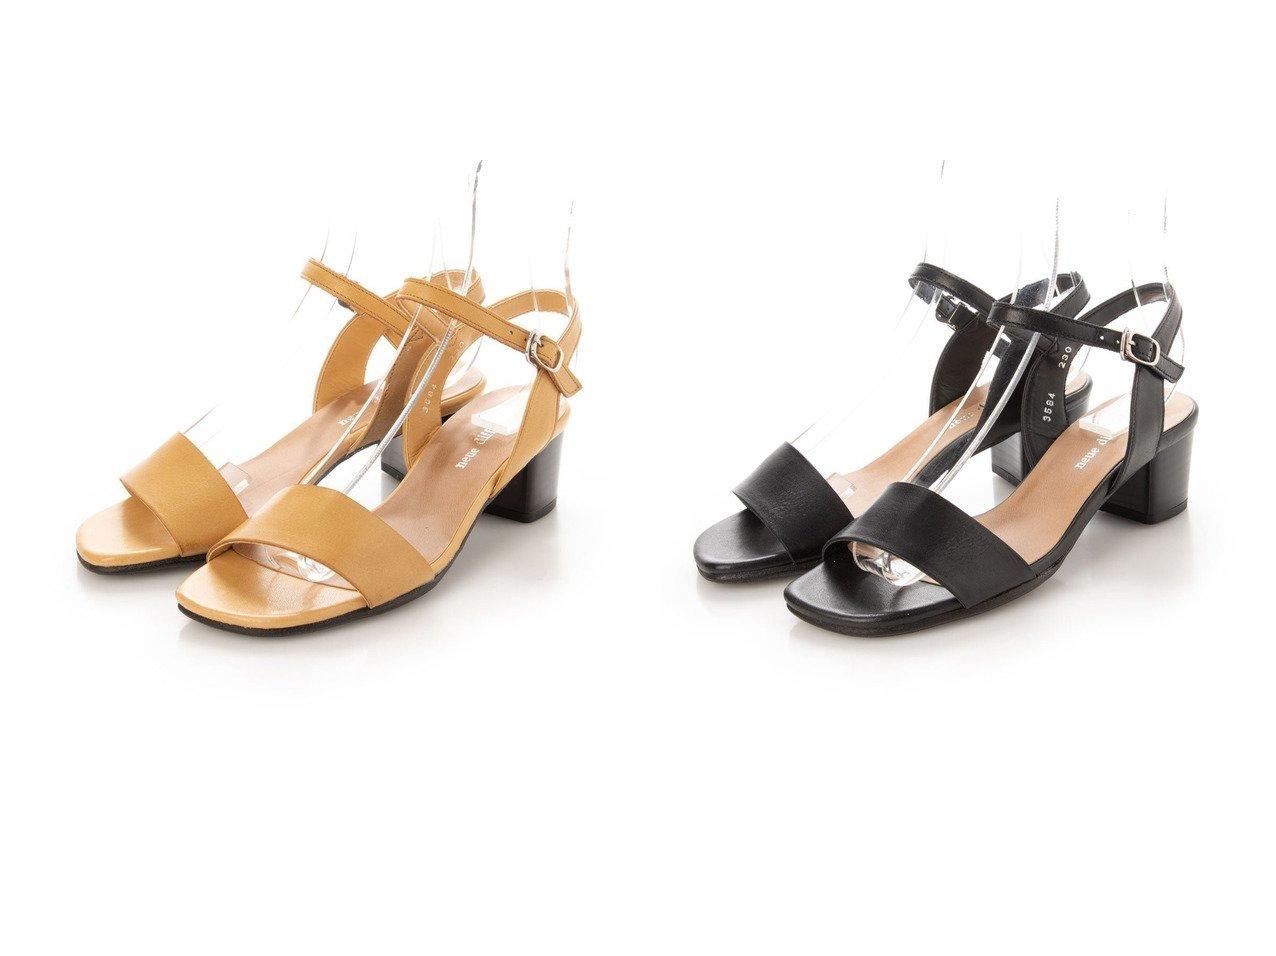 【neue diffusion/ノイエ ディフュージョン】のネックストラップサンダル/3584 【シューズ・靴】おすすめ!人気、トレンド・レディースファッションの通販 おすすめで人気の流行・トレンド、ファッションの通販商品 インテリア・家具・メンズファッション・キッズファッション・レディースファッション・服の通販 founy(ファニー) https://founy.com/ ファッション Fashion レディースファッション WOMEN 2021年 2021 2021春夏・S/S SS/Spring/Summer/2021 S/S・春夏 SS・Spring/Summer サンダル シンプル トレンド ベーシック 夏 Summer 春 Spring  ID:crp329100000048150